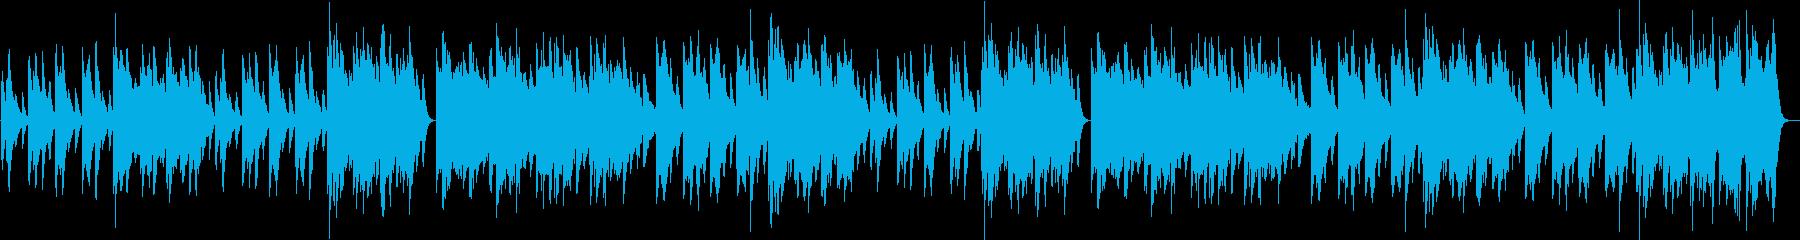 ウインターワンダーランドピアノBGM♪の再生済みの波形